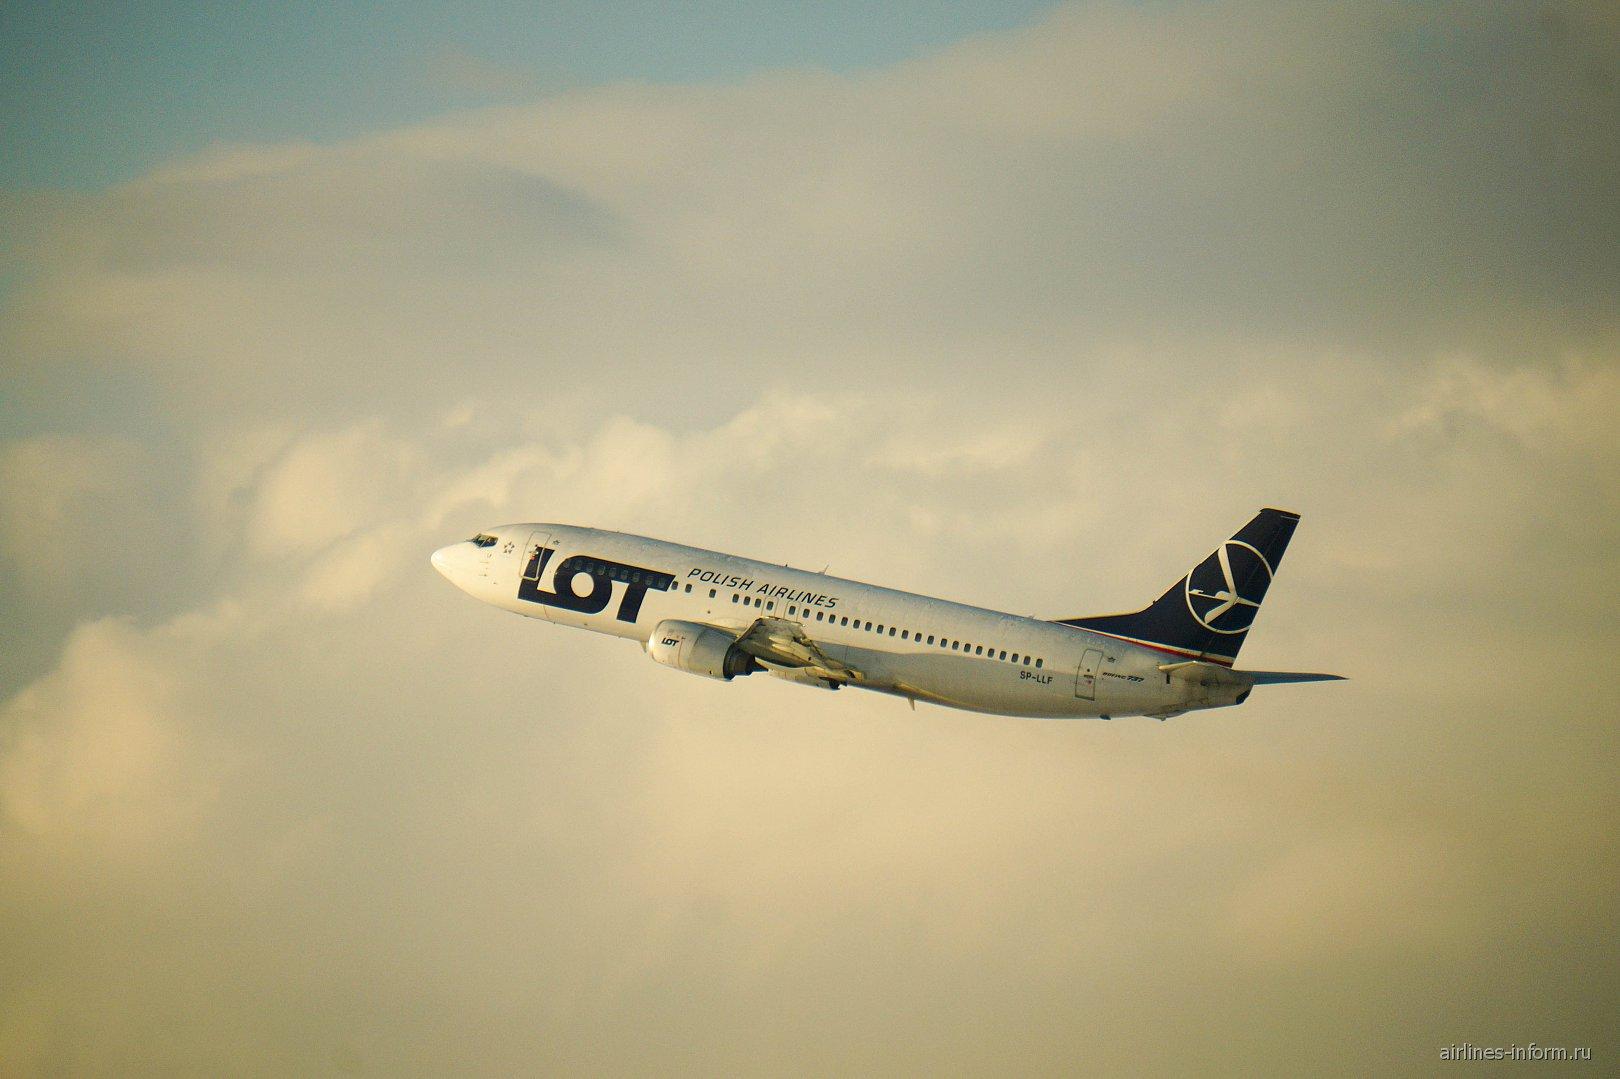 ����� �������� �����-737-400 SP-LLF ������������ LOT